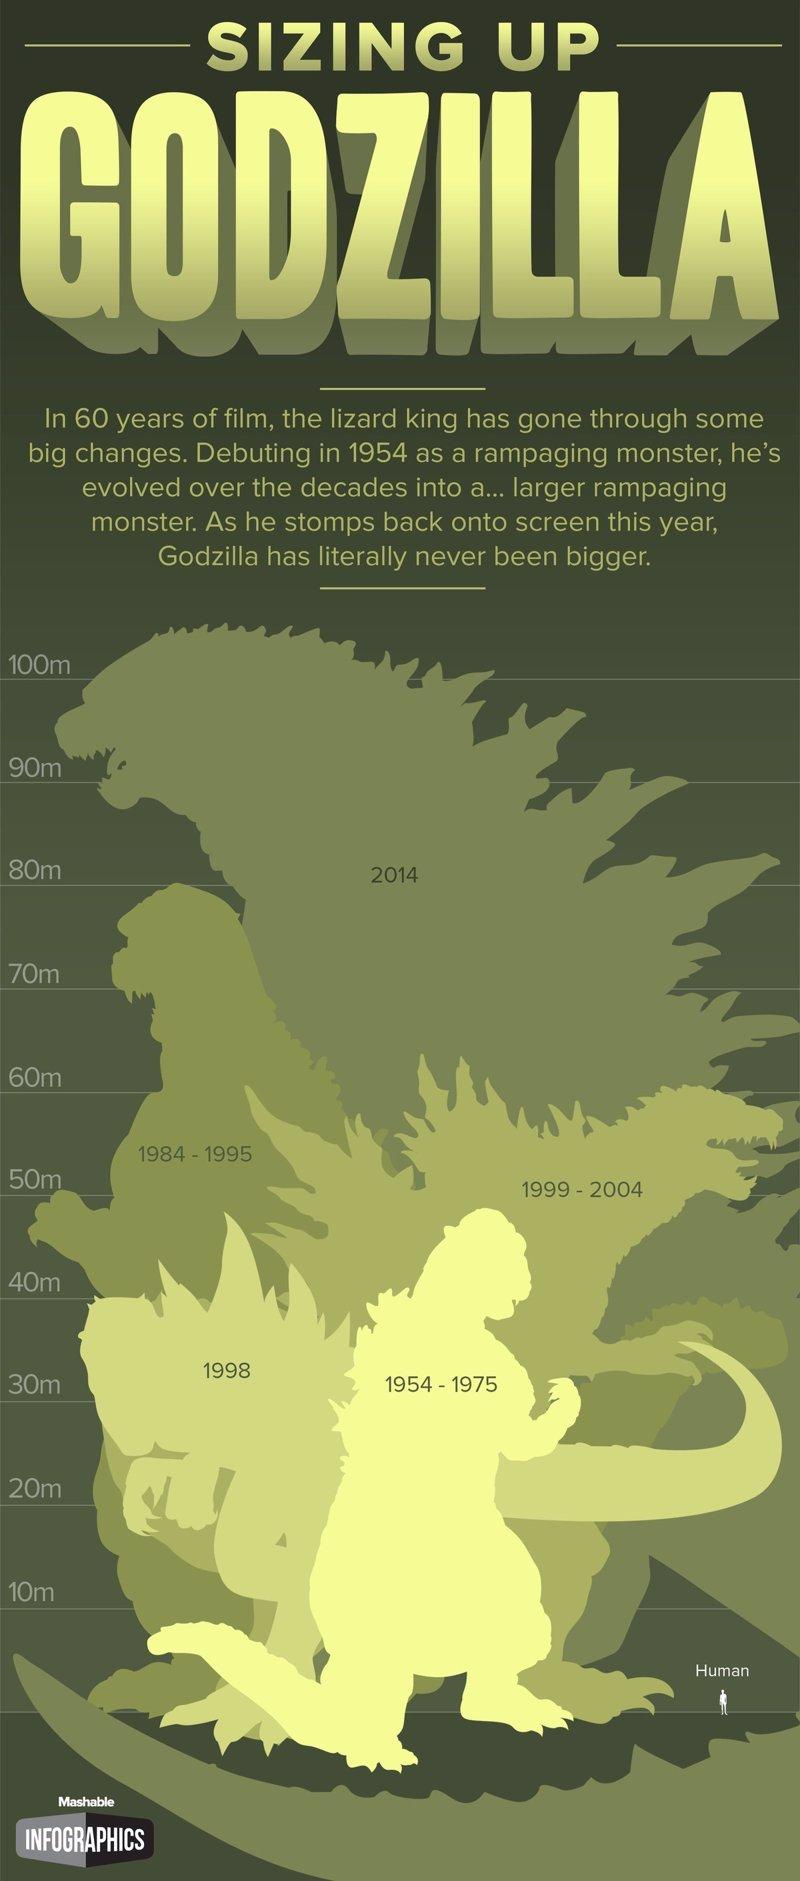 Godzilla: La evolución del monstruo 60 años después